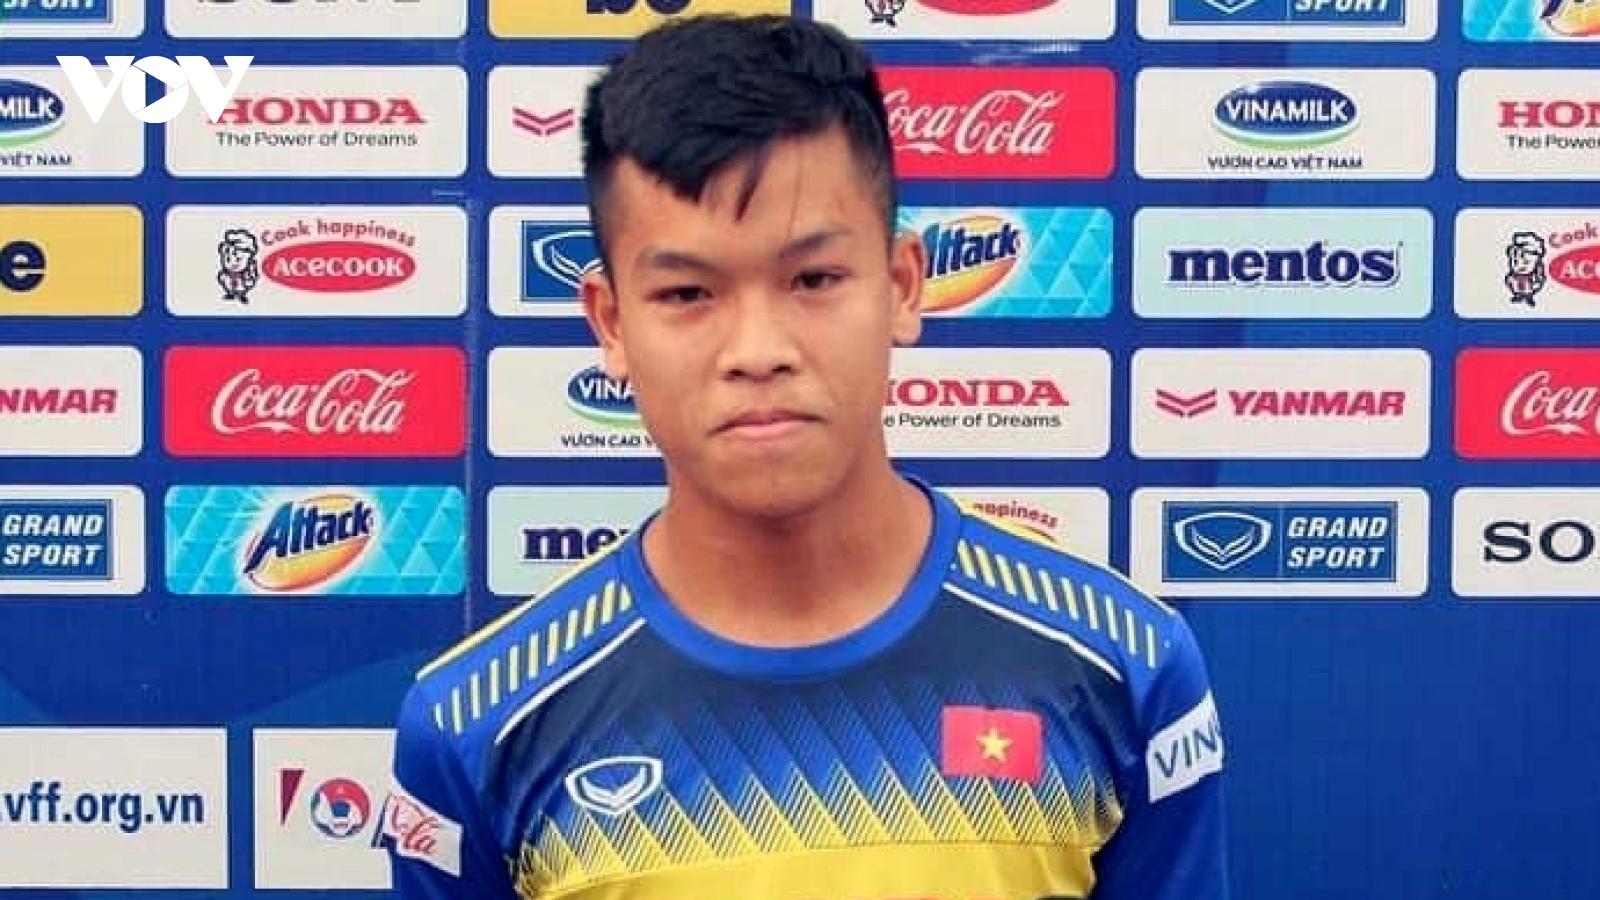 Sao trẻ Viettel quyết tâm ghi điểm trong mắt HLV Park Hang Seo